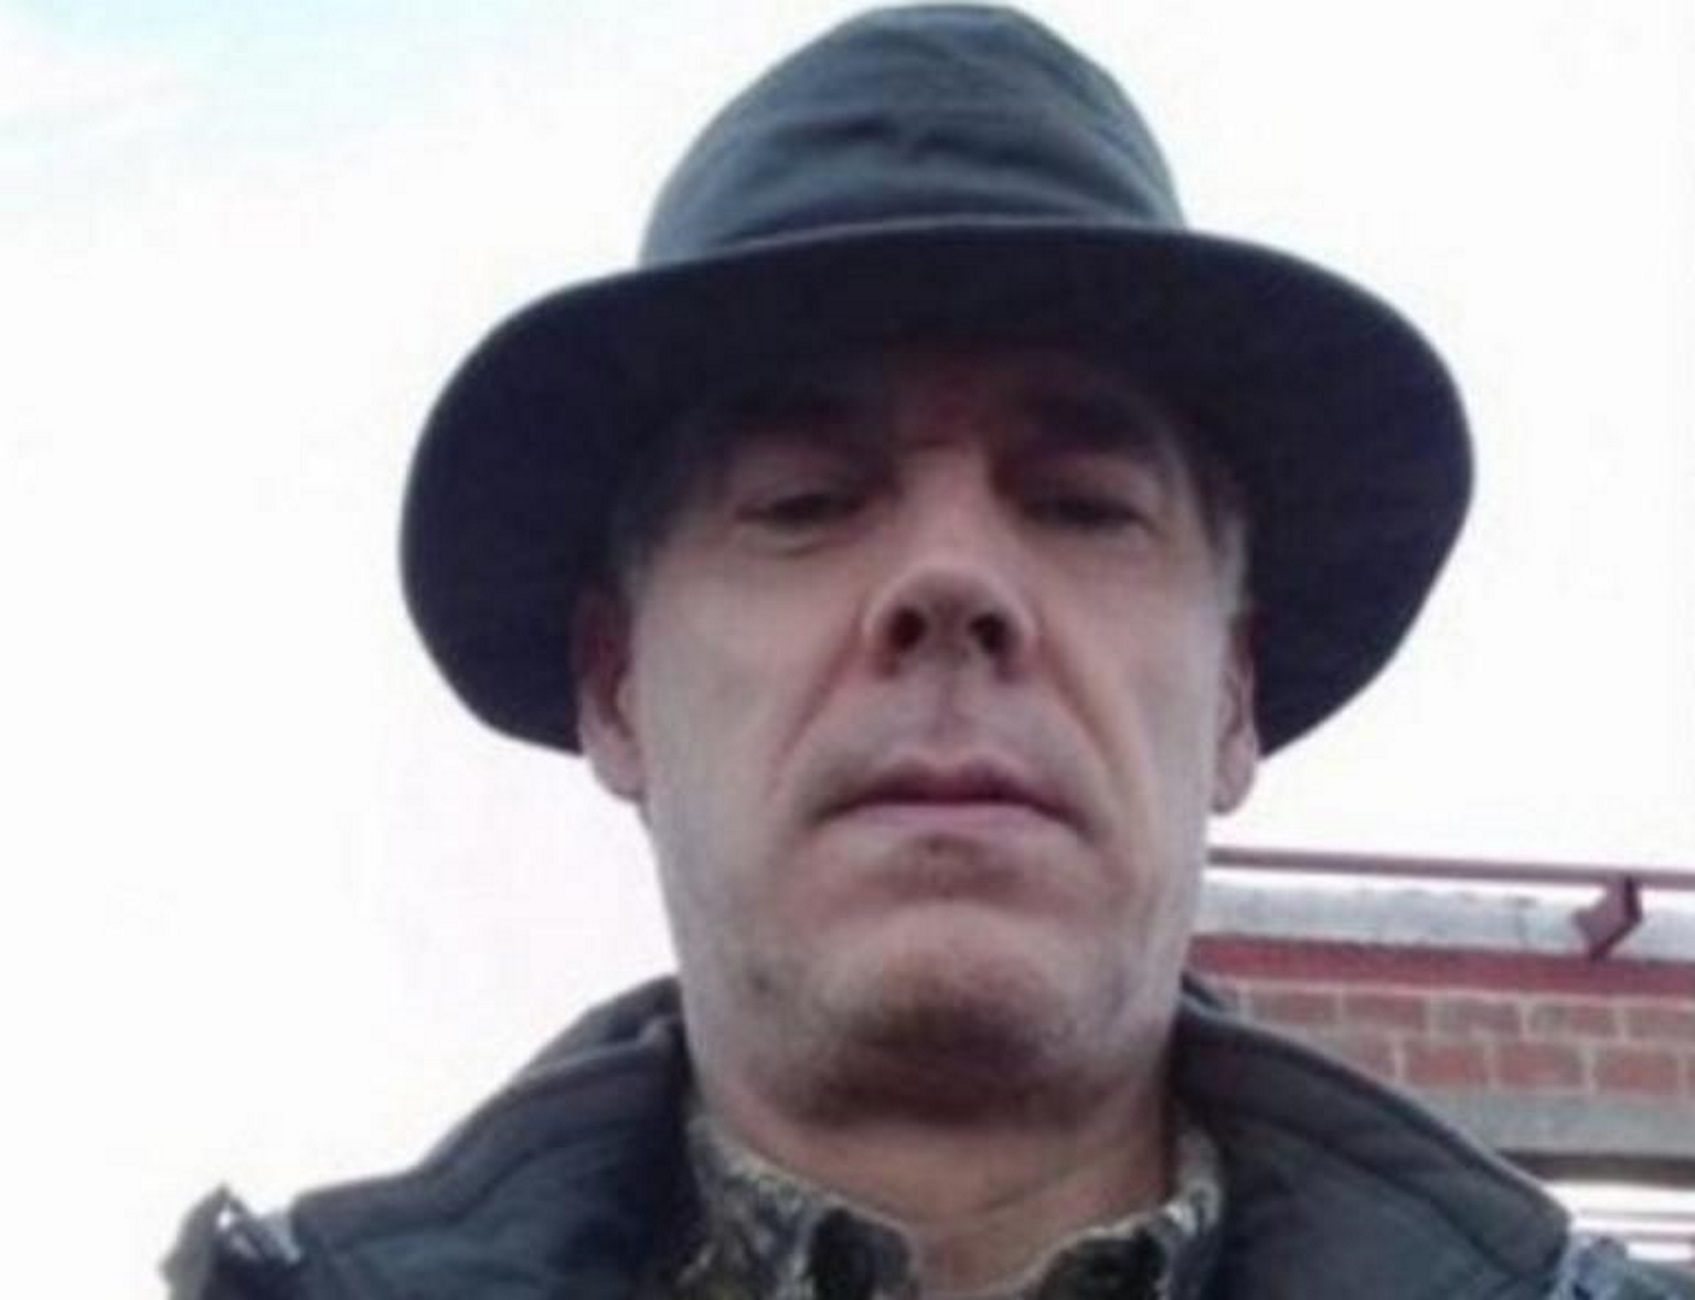 """Φθιώτιδα: Νέα εξέλιξη για τη δολοφονία του Γερμανού κυνηγού με τον """"χρυσό"""" τραπεζικό λογαριασμό – Το τρίτο πρόσωπο!"""